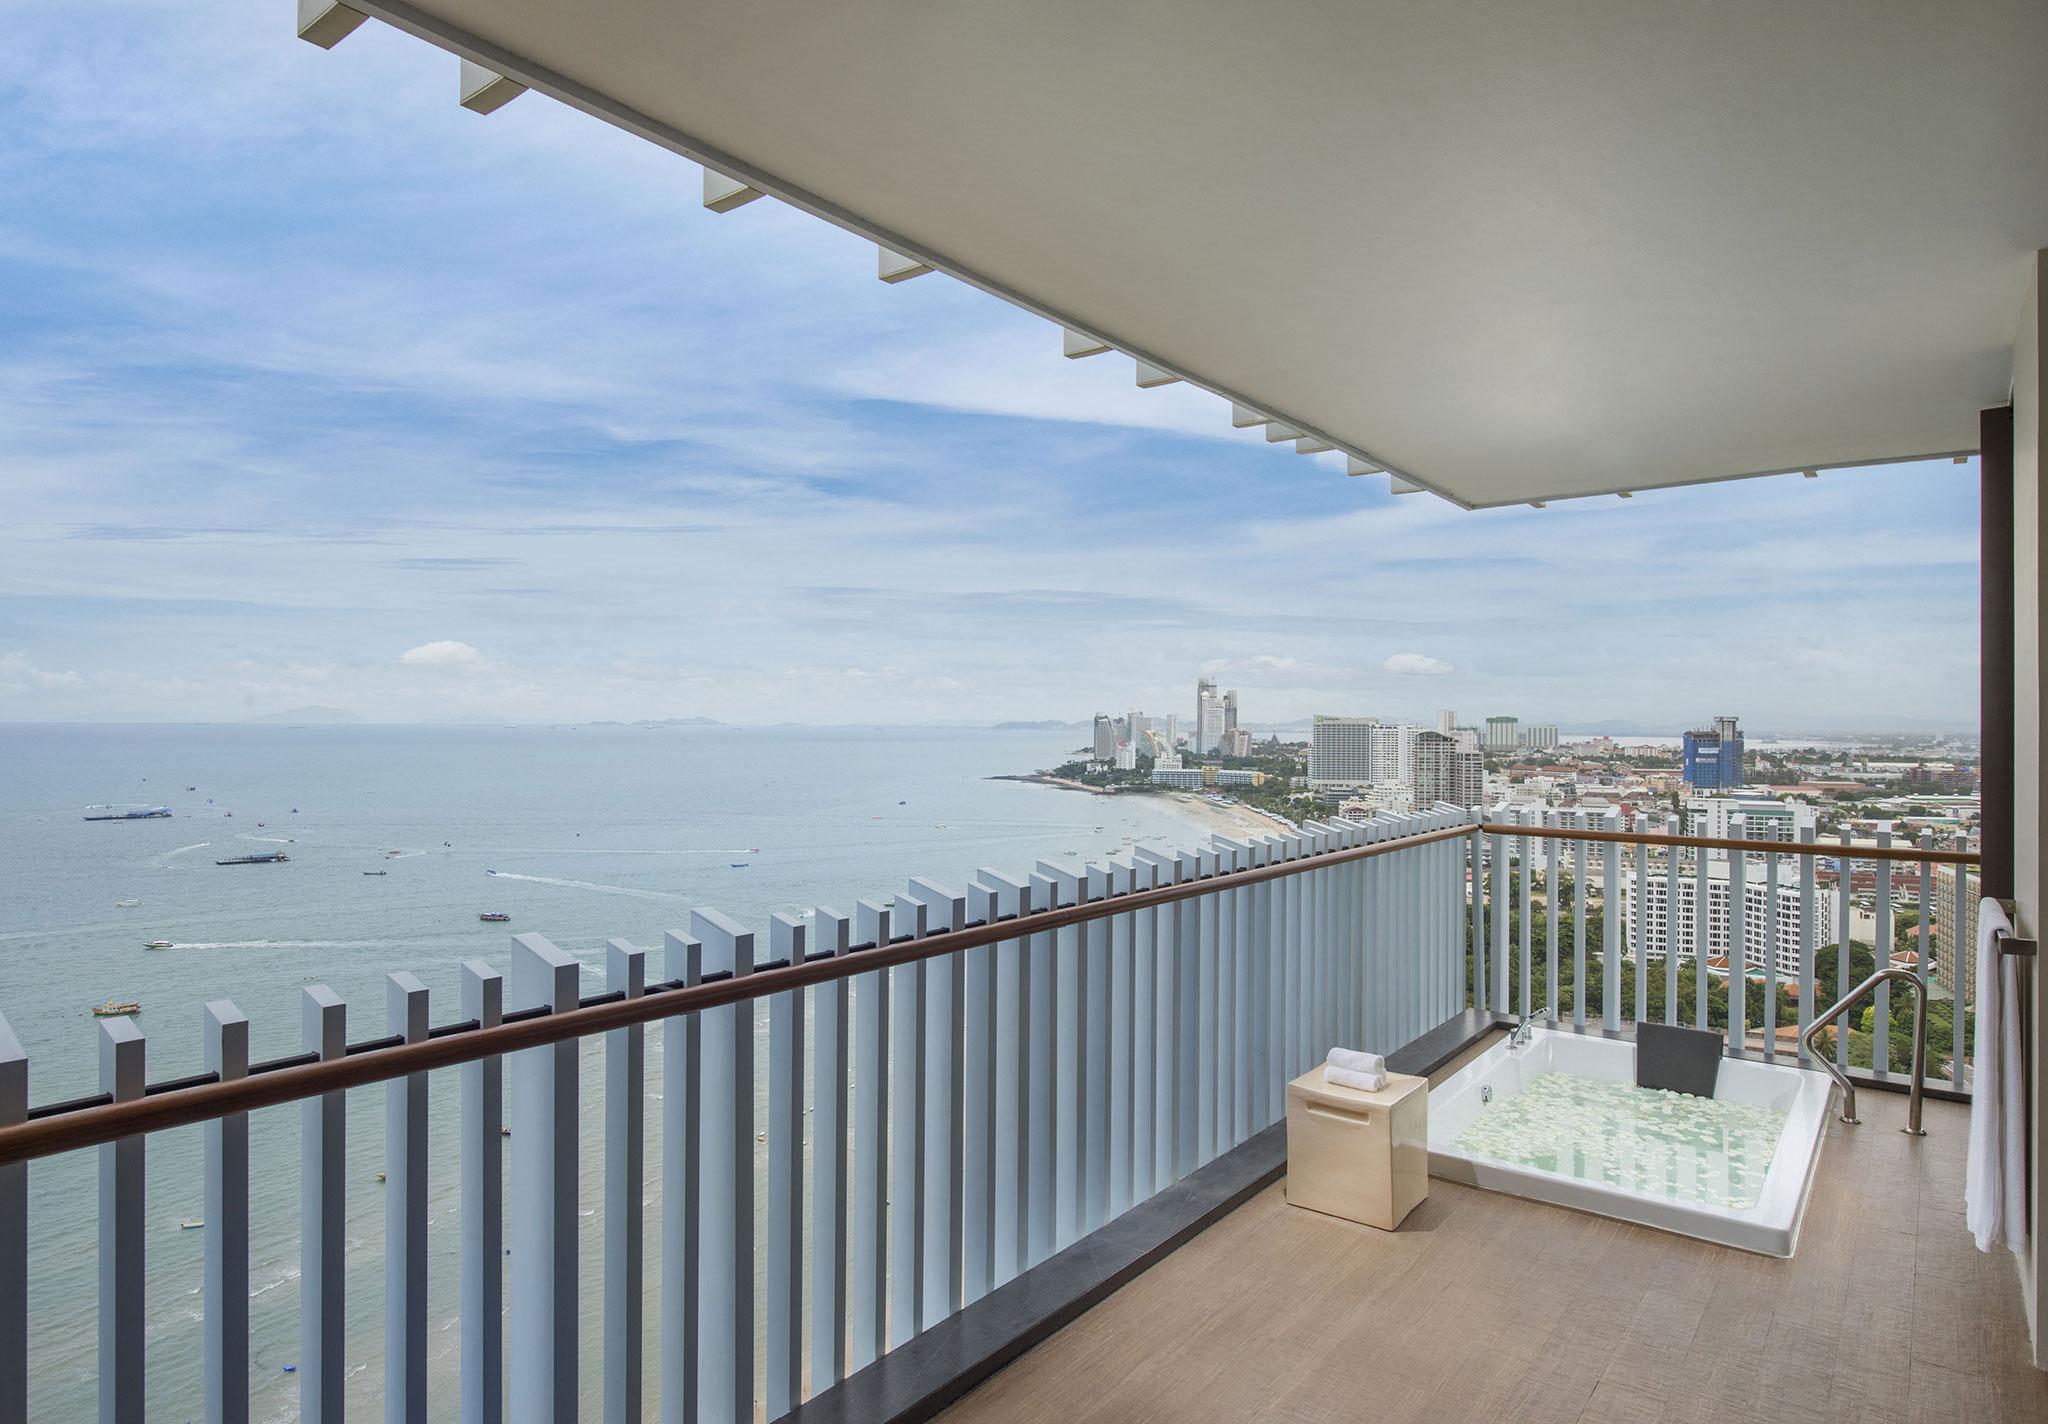 Hilton pattaya hotel resort in der bucht von pattaya for Katzennetz balkon mit hotel pattaya garden thailand